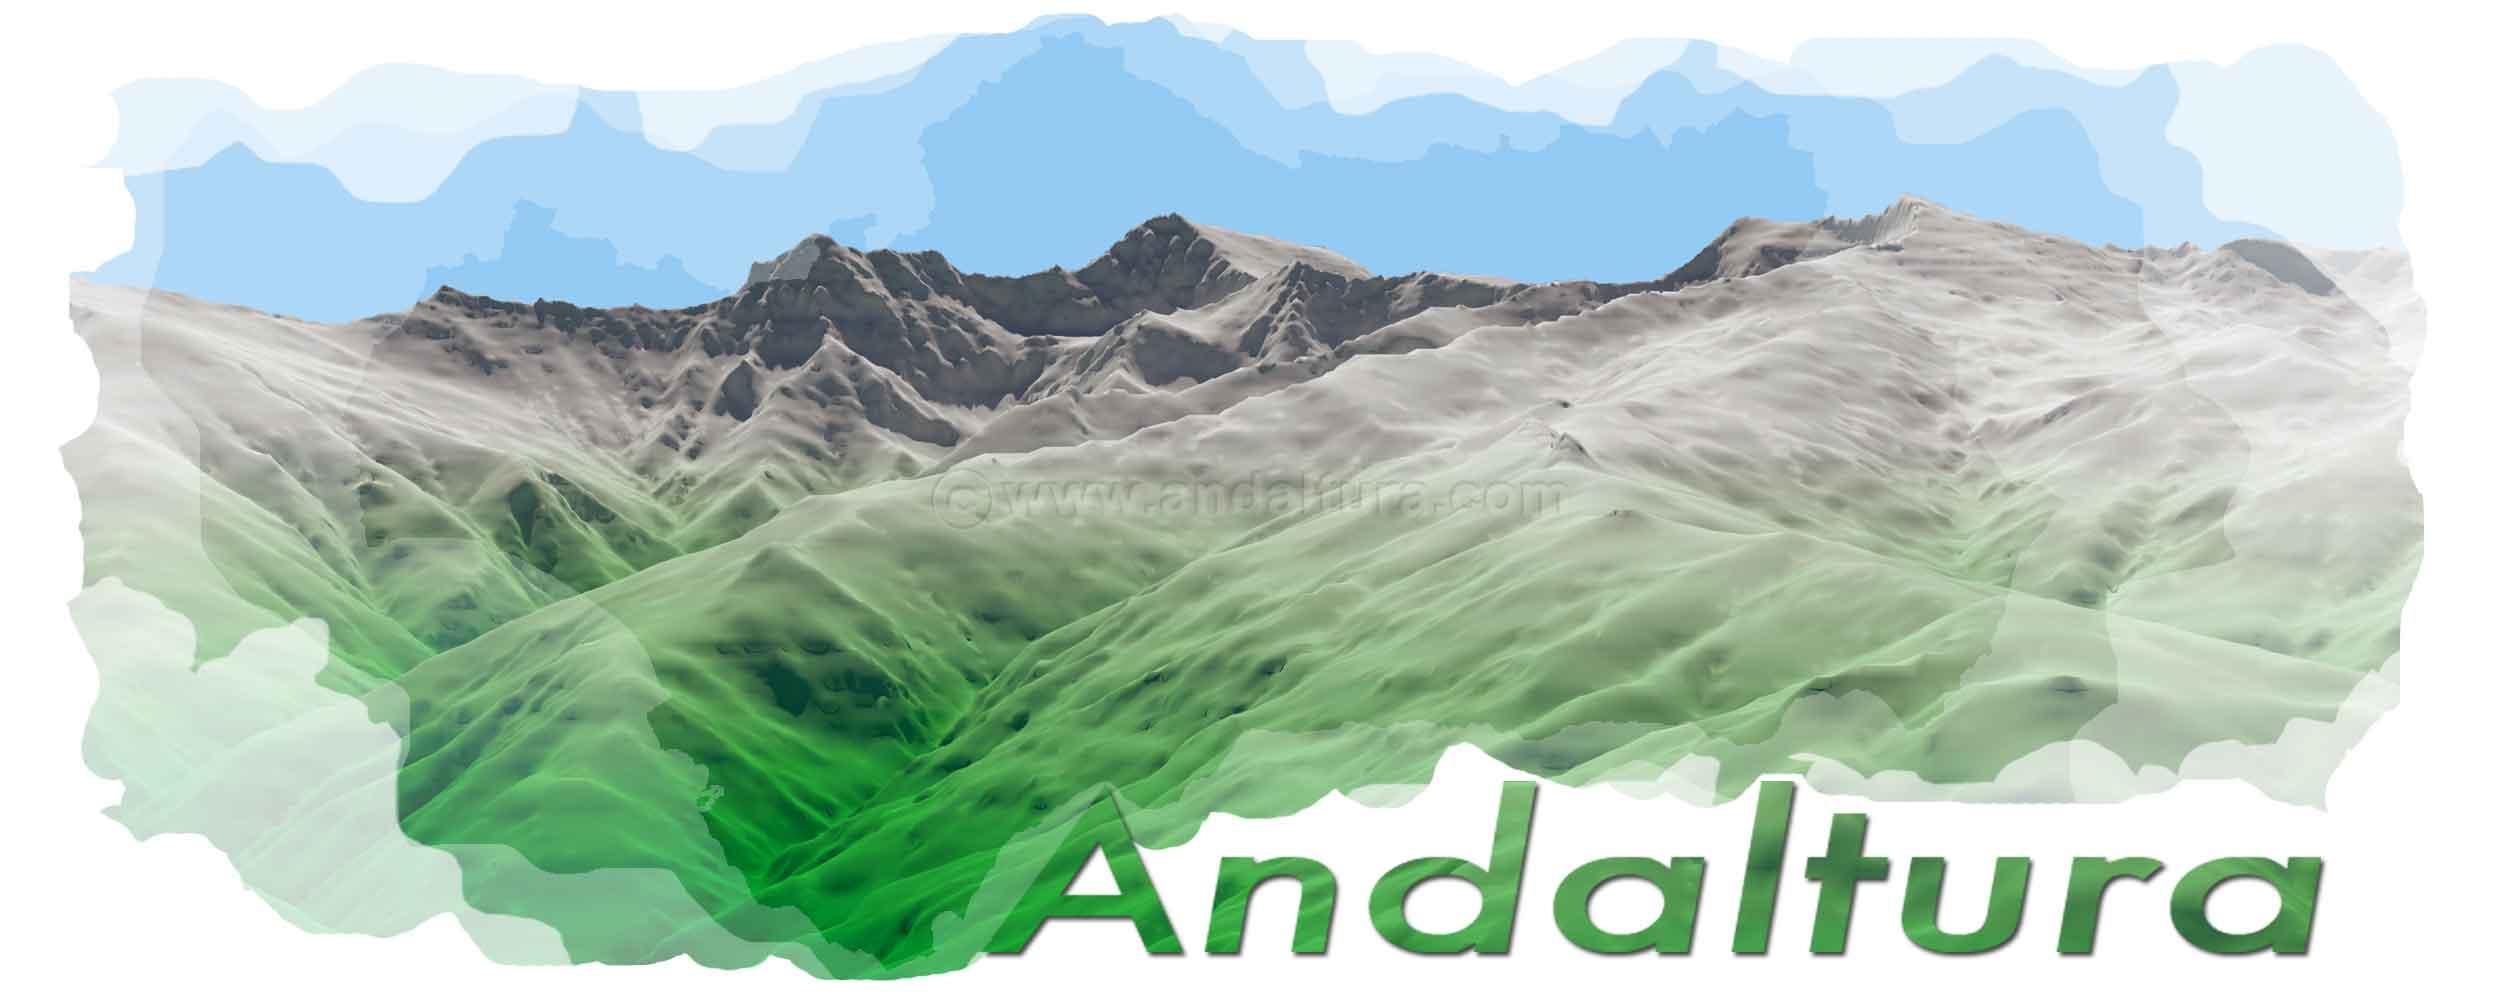 Imagen Virtual de los Colosos de Andalucía, Alcazaba, Mulhacén y Veleta